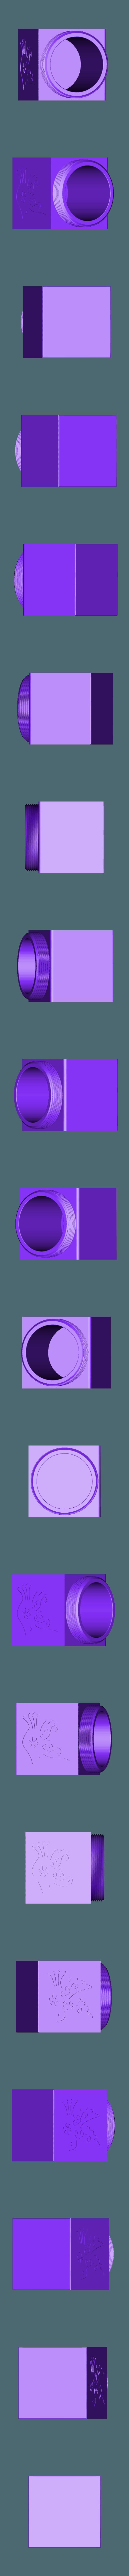 cube-02 v7_base_stl.stl Descargar archivo OBJ Caja de regalo Caja secreta pequeña caja secreta Modelo de impresión en 3D • Modelo para imprimir en 3D, Dzusto